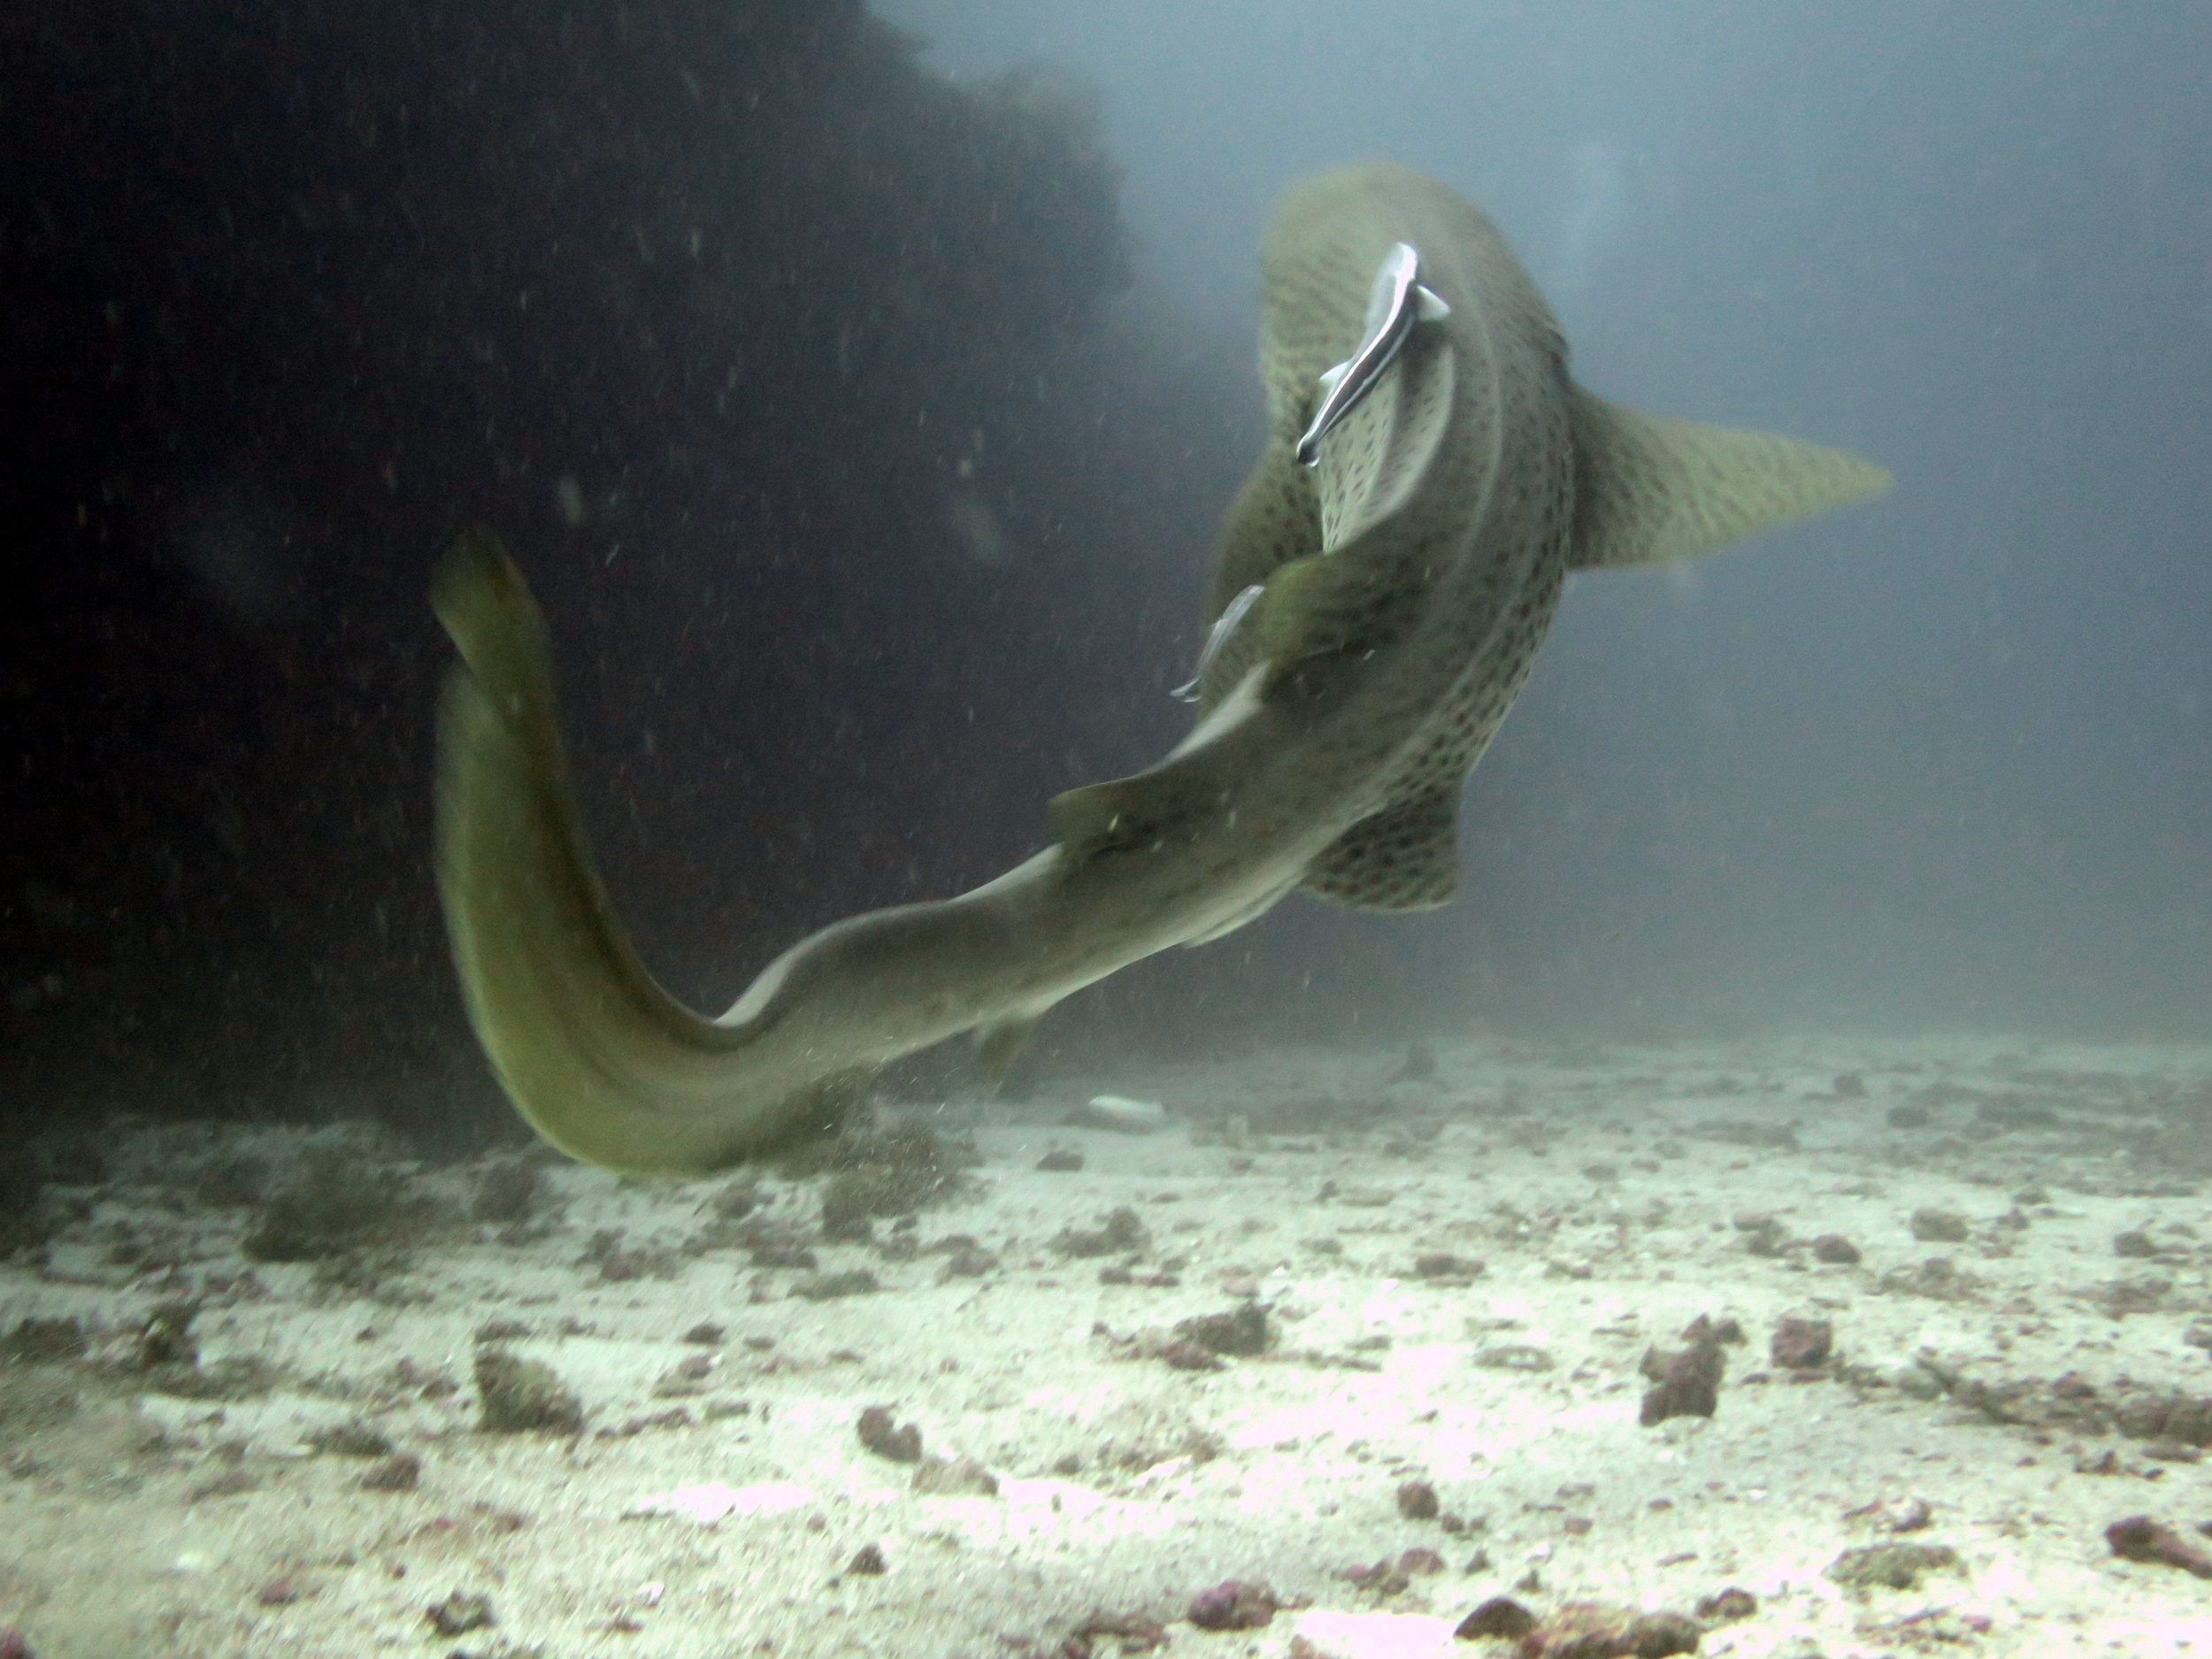 MOZAMBIQUE, TOFO, LEOPARD SHARK